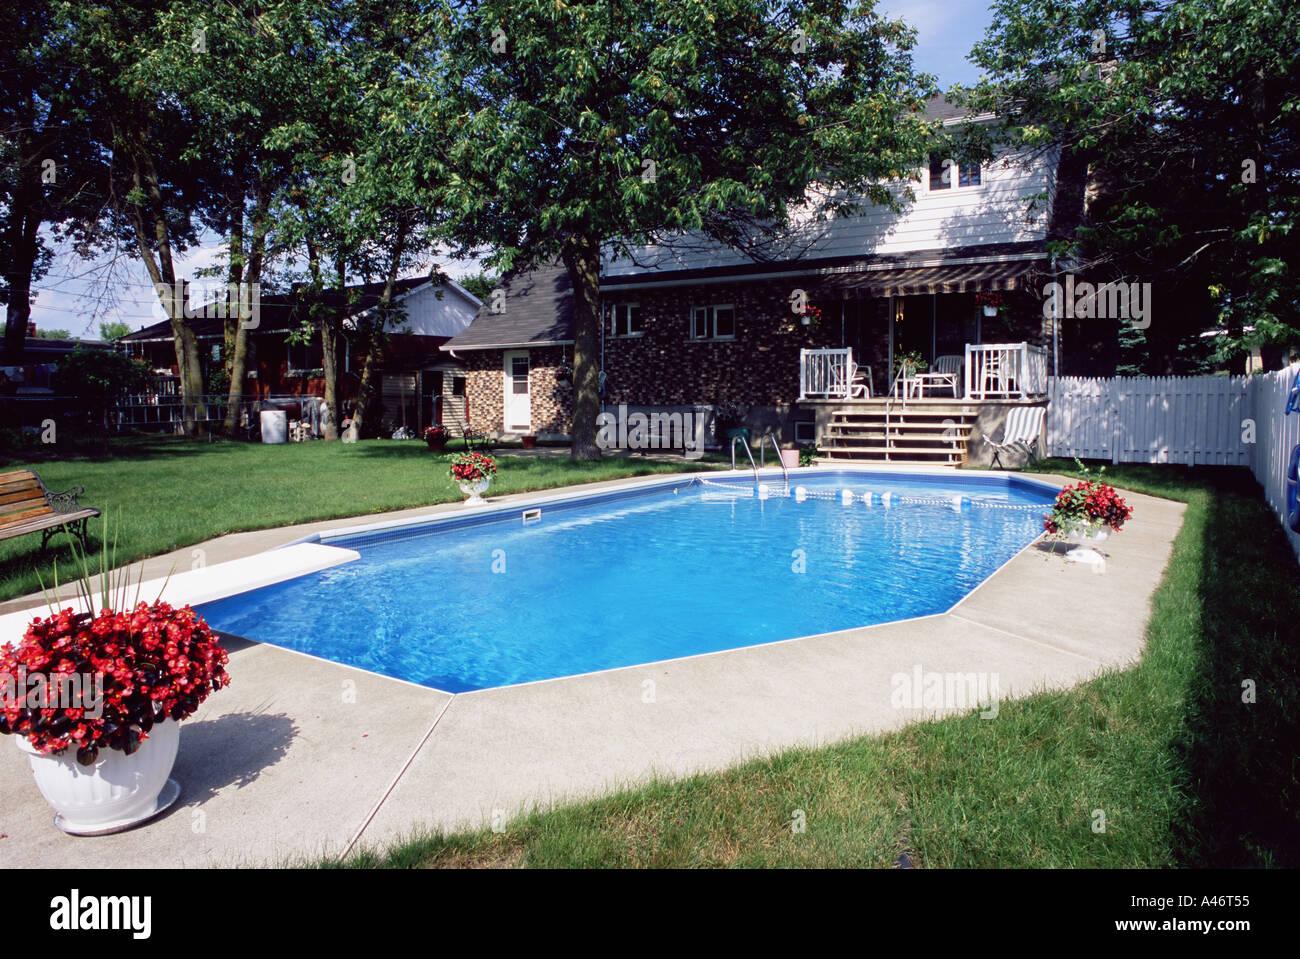 Piscina in giardino o sul terrazzo il dell immobiliare san